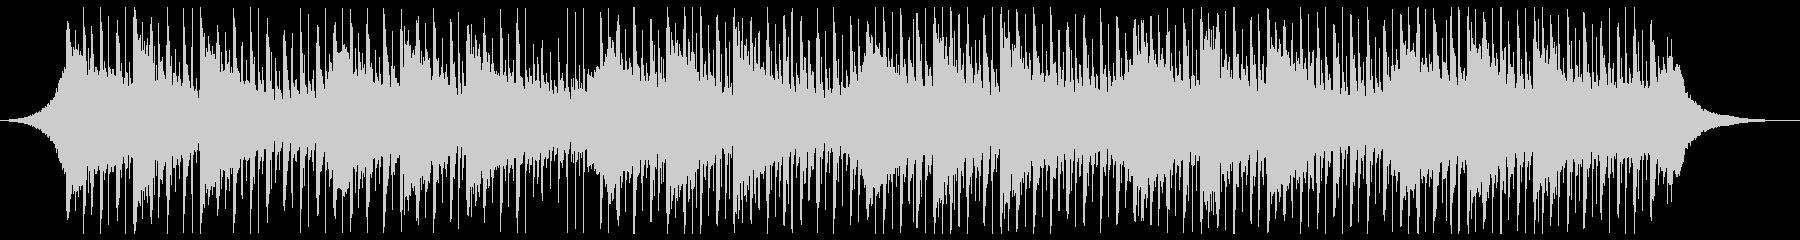 説明(60秒)の未再生の波形